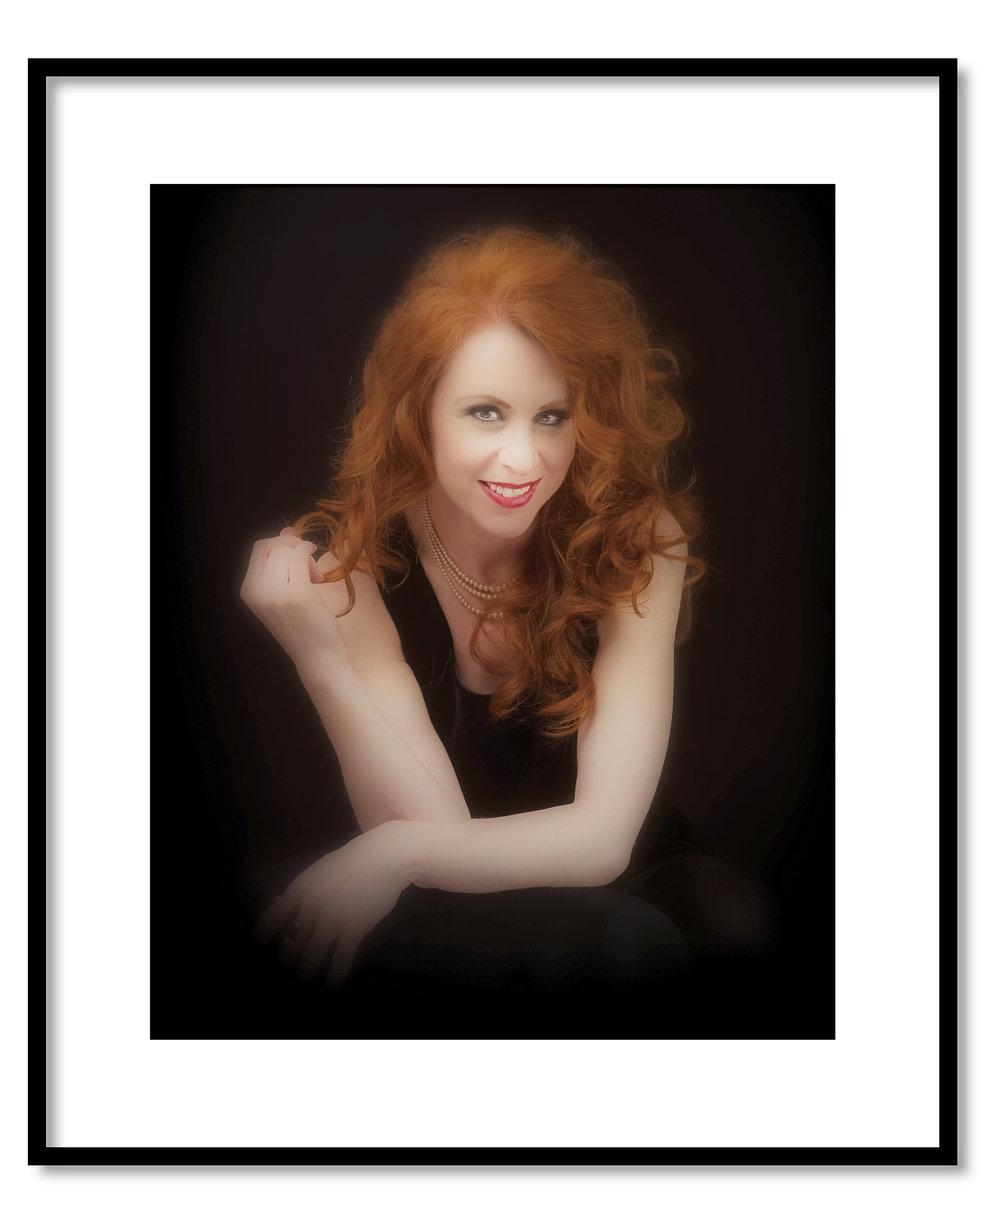 Janelle 2014.Framed copy.jpg